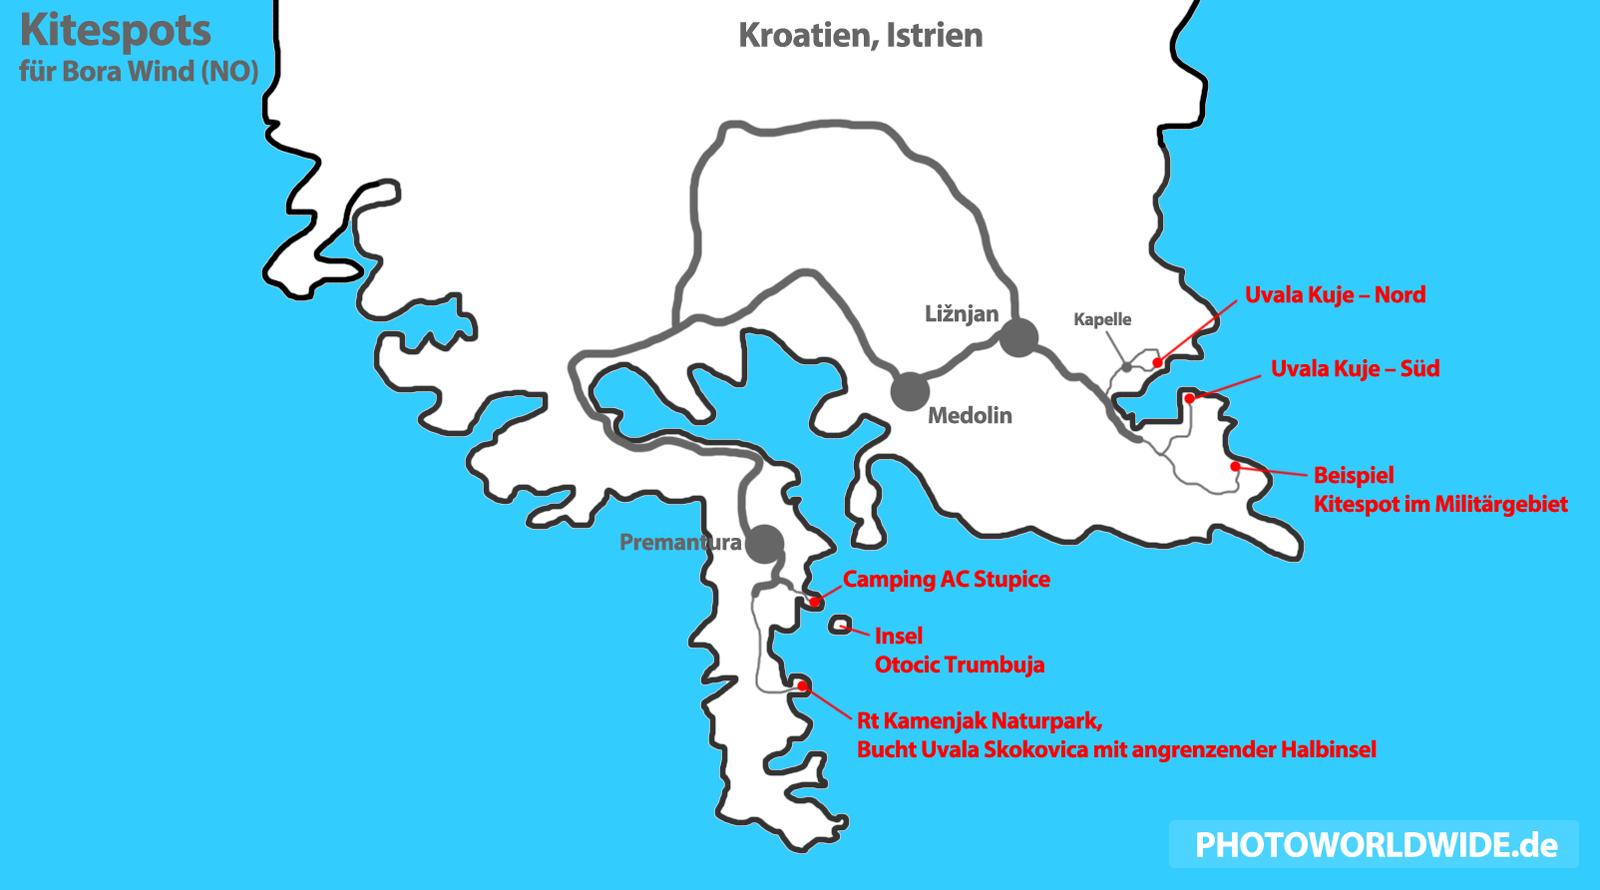 Kroatien Karte Istrien.Kitespotbeschreibung Premantura Liznjan In Istrien Womo Stellplatz